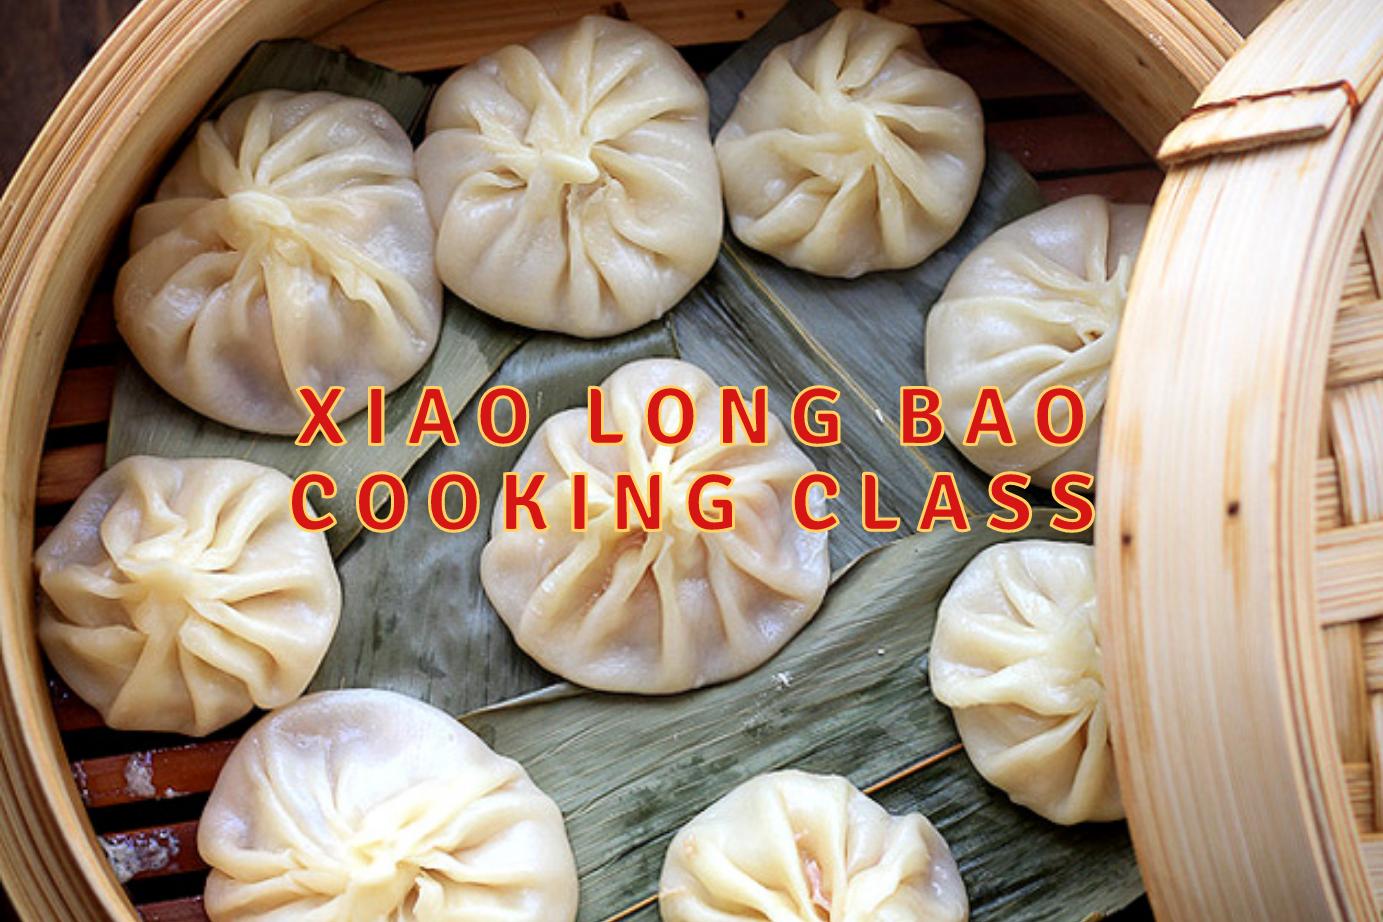 The Art of Xiao Long Bao Cooking Class